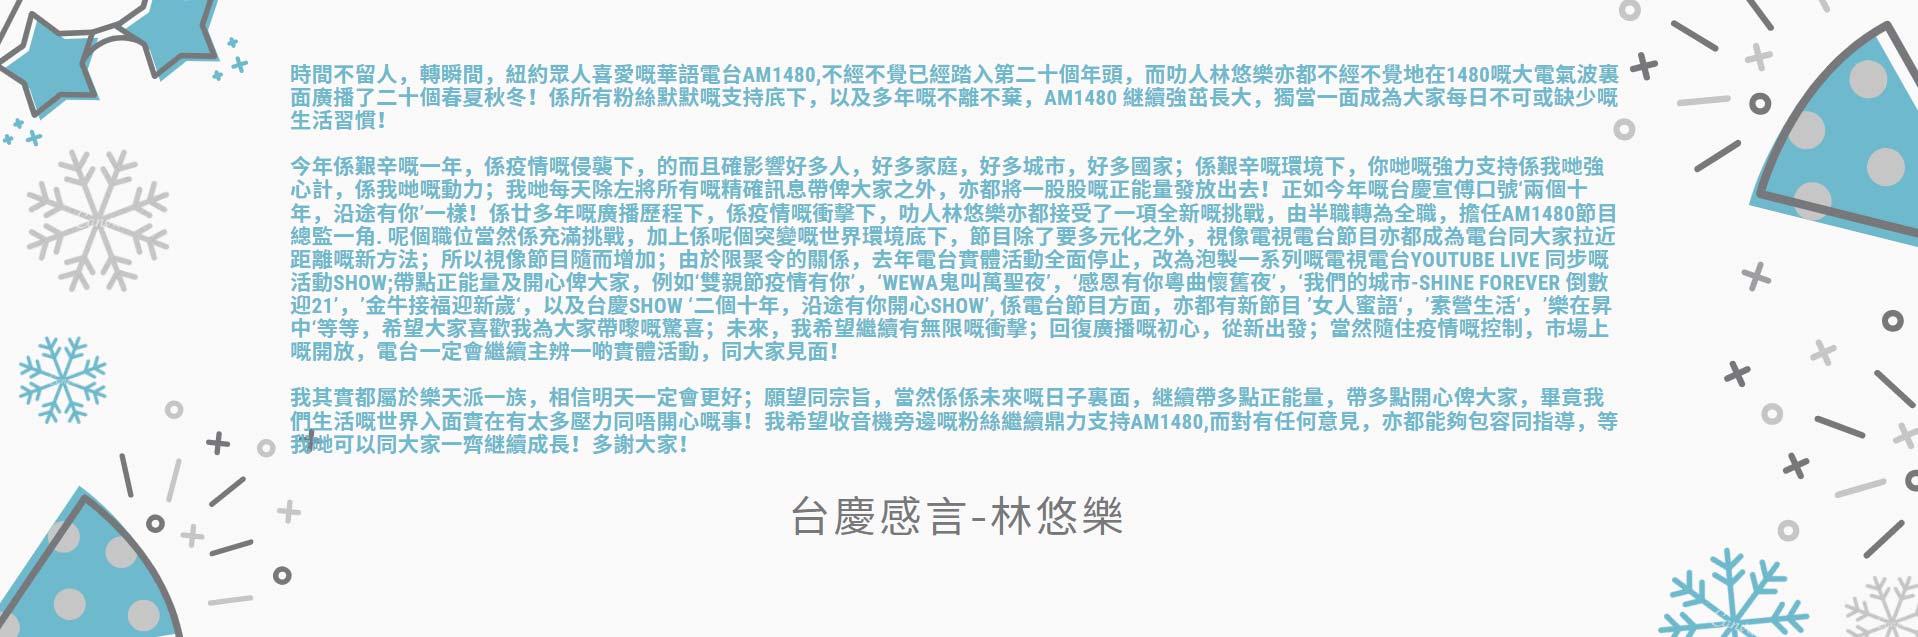 台慶感言 - 林悠樂web